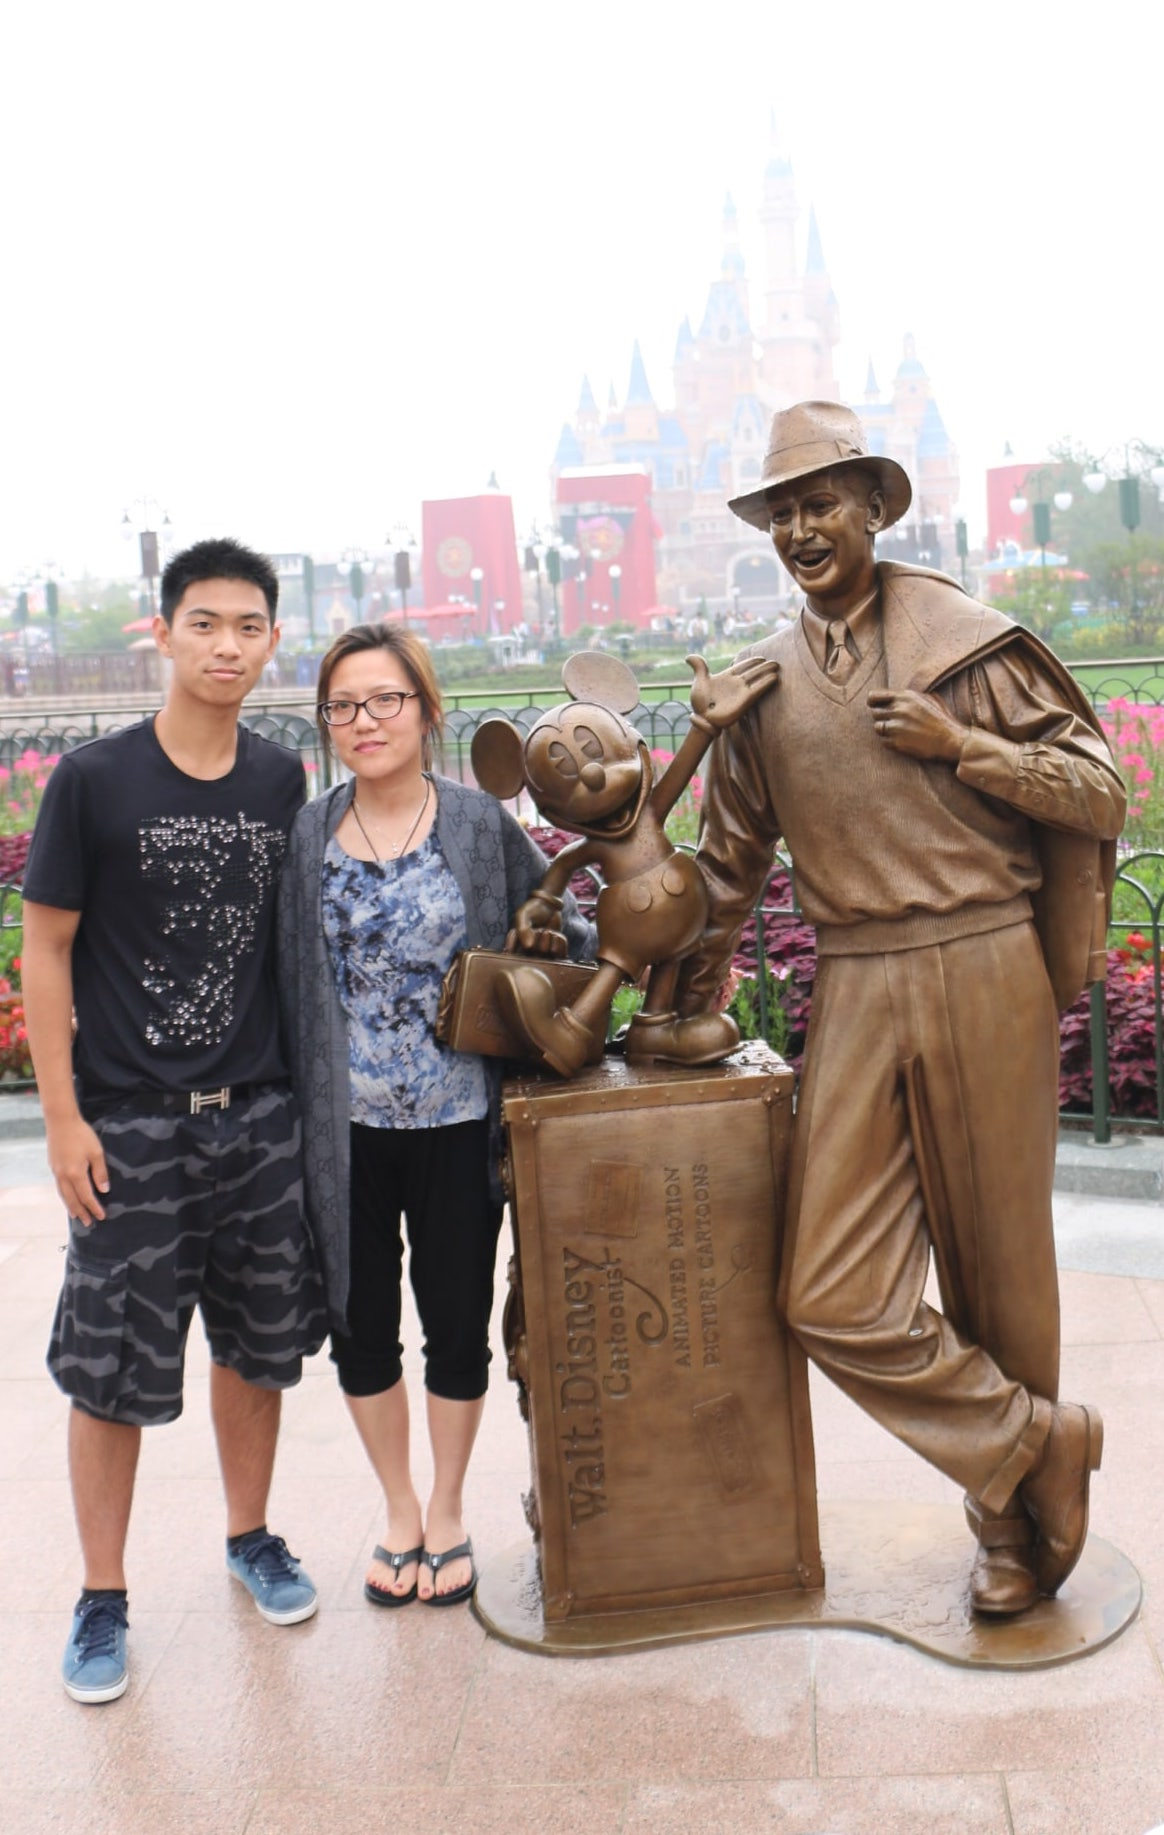 Disneyland shanghai grand opening